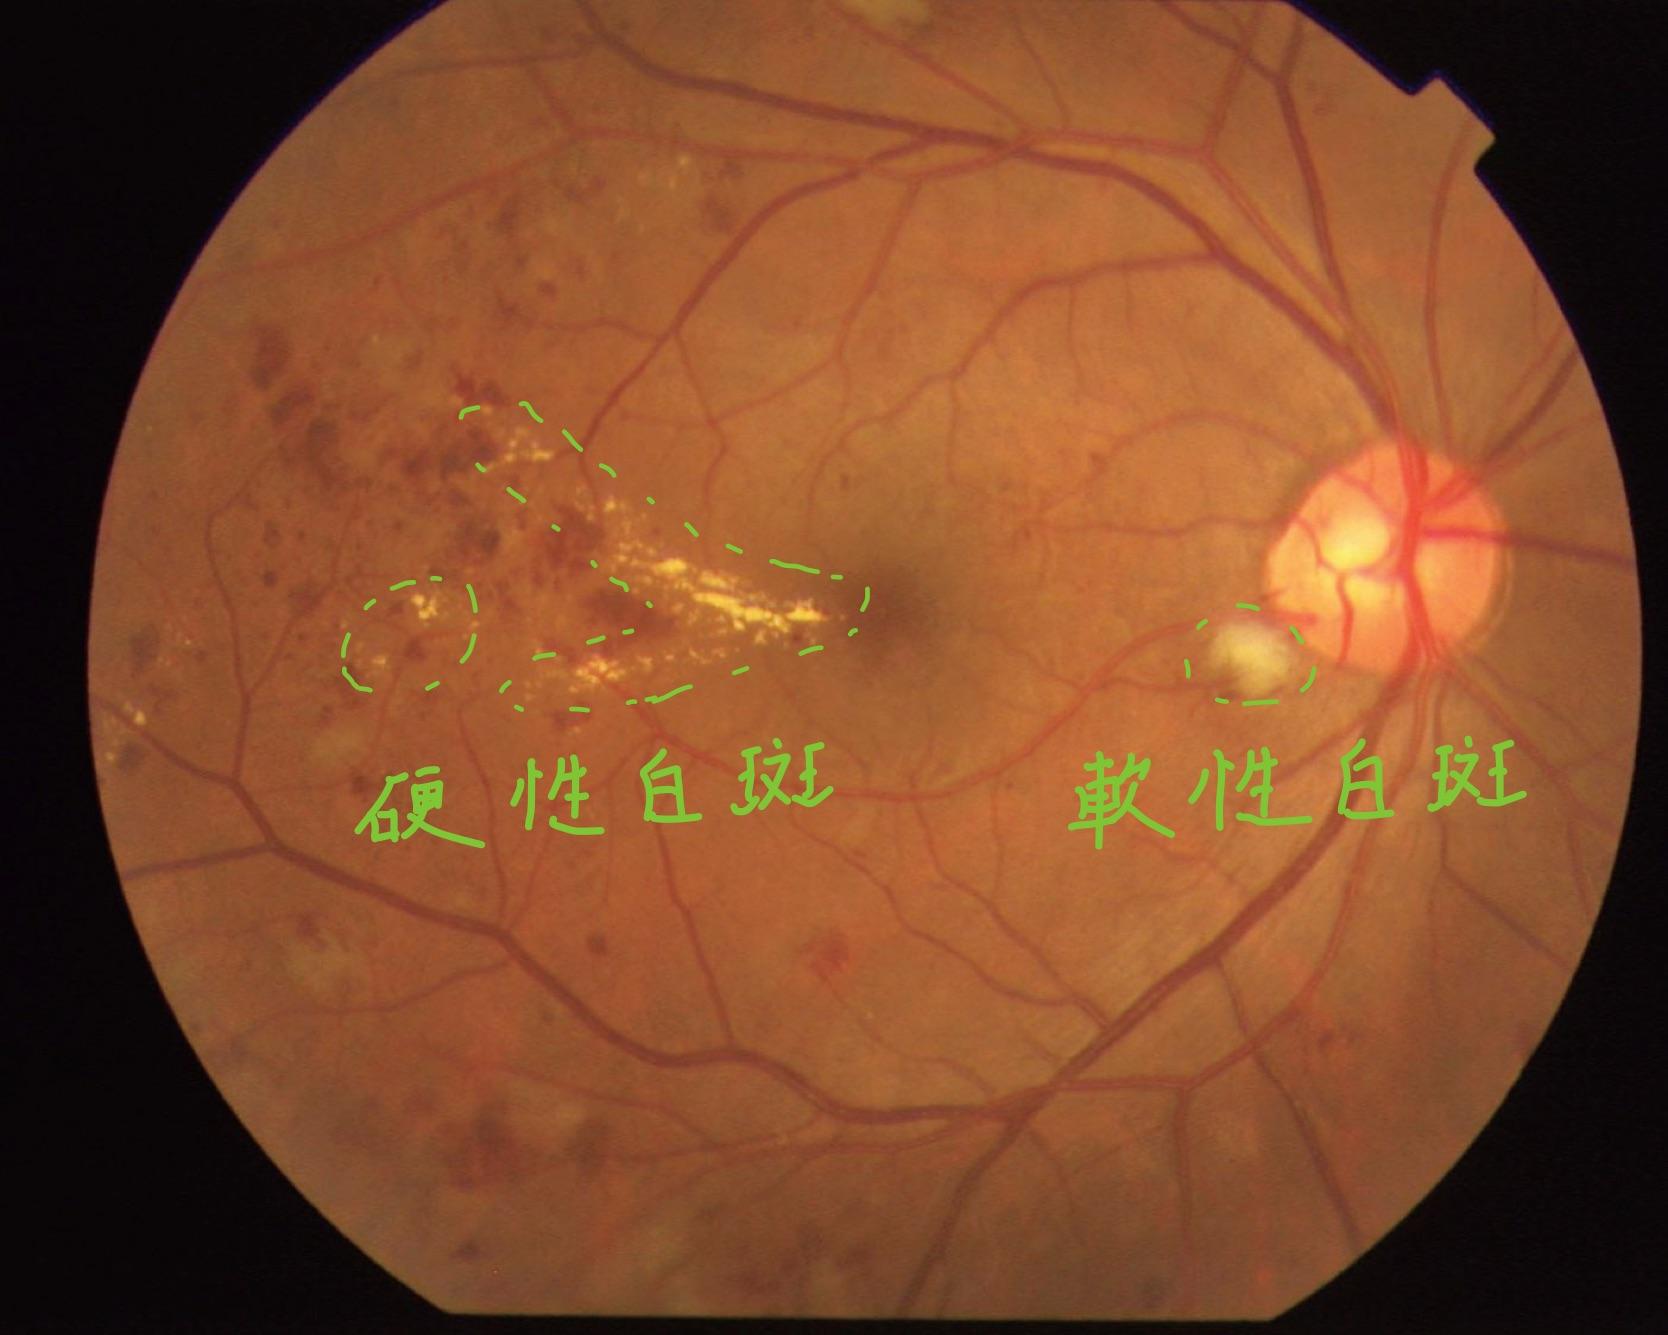 医師国家試験108C24画像A_糖尿病網膜症(軟性白斑)の眼底写真_改変